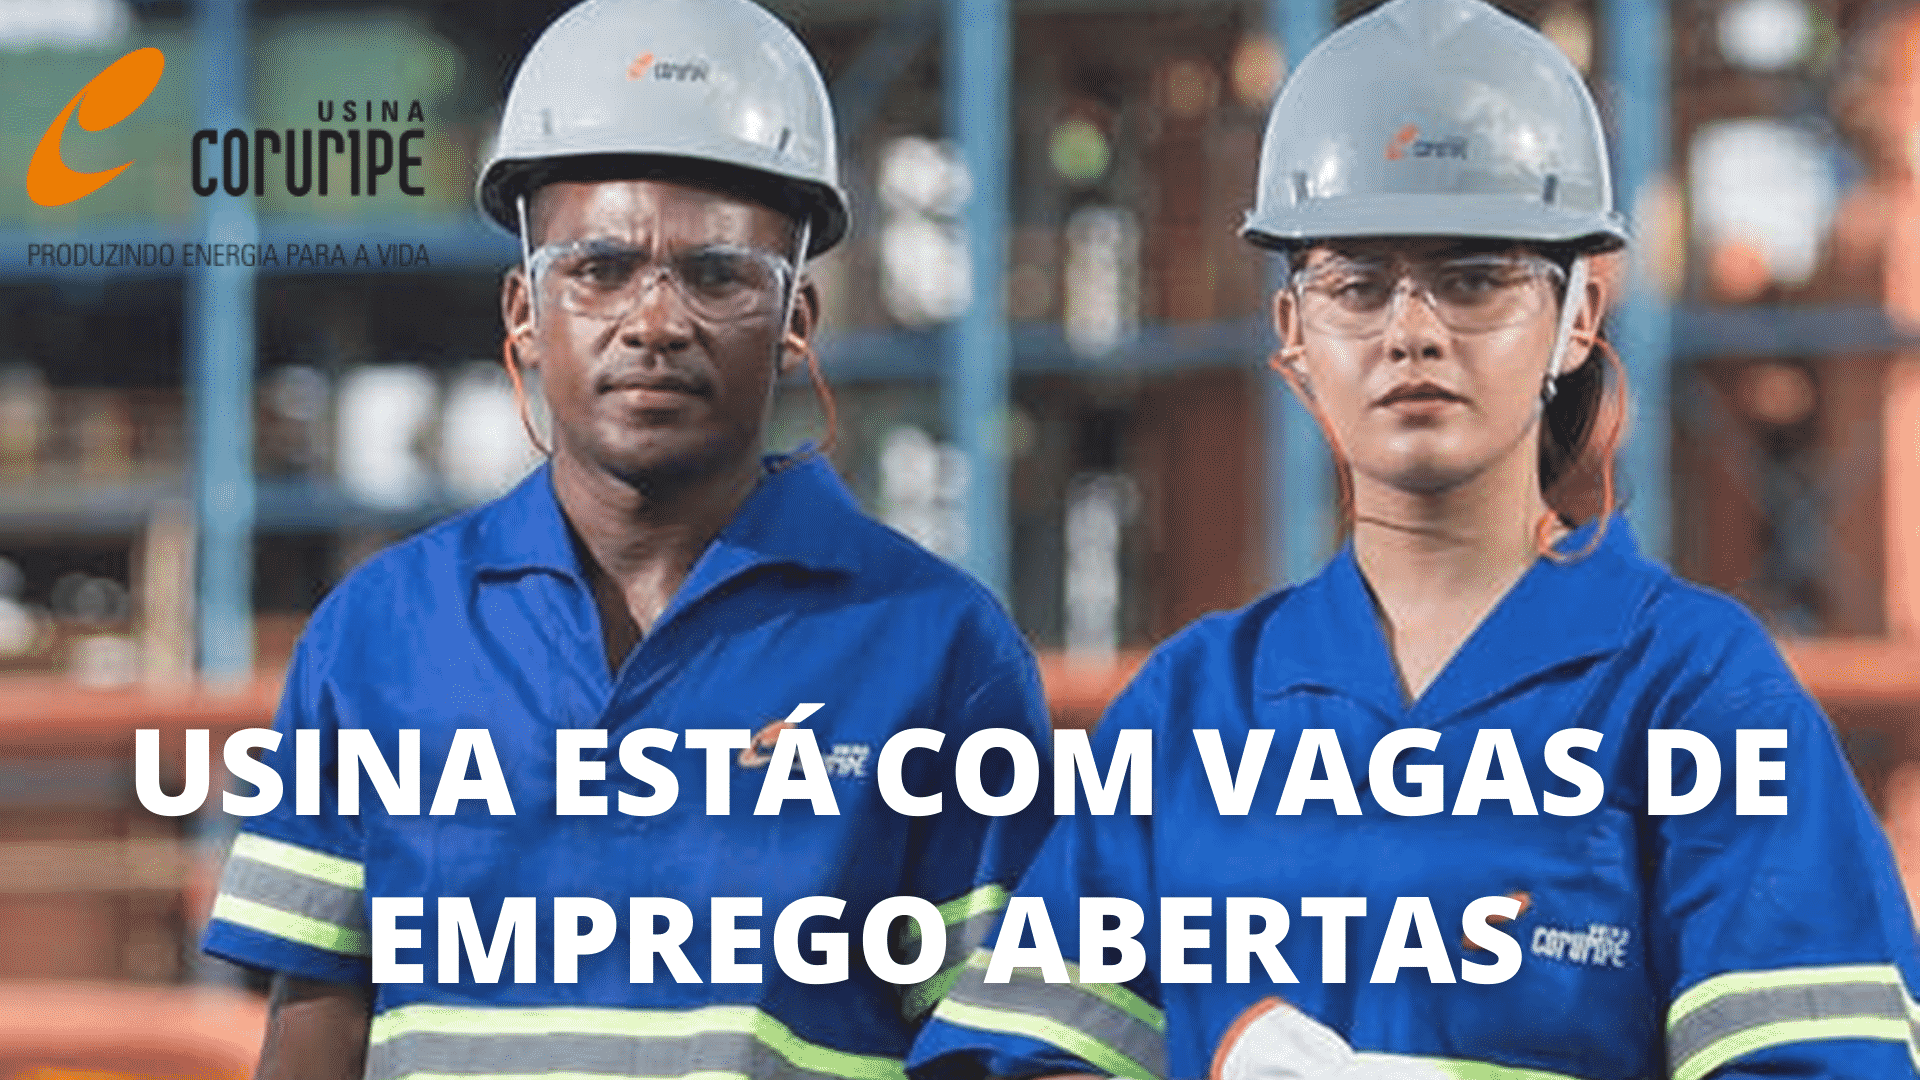 Usina – Minas Gerais – emprego - alagoas